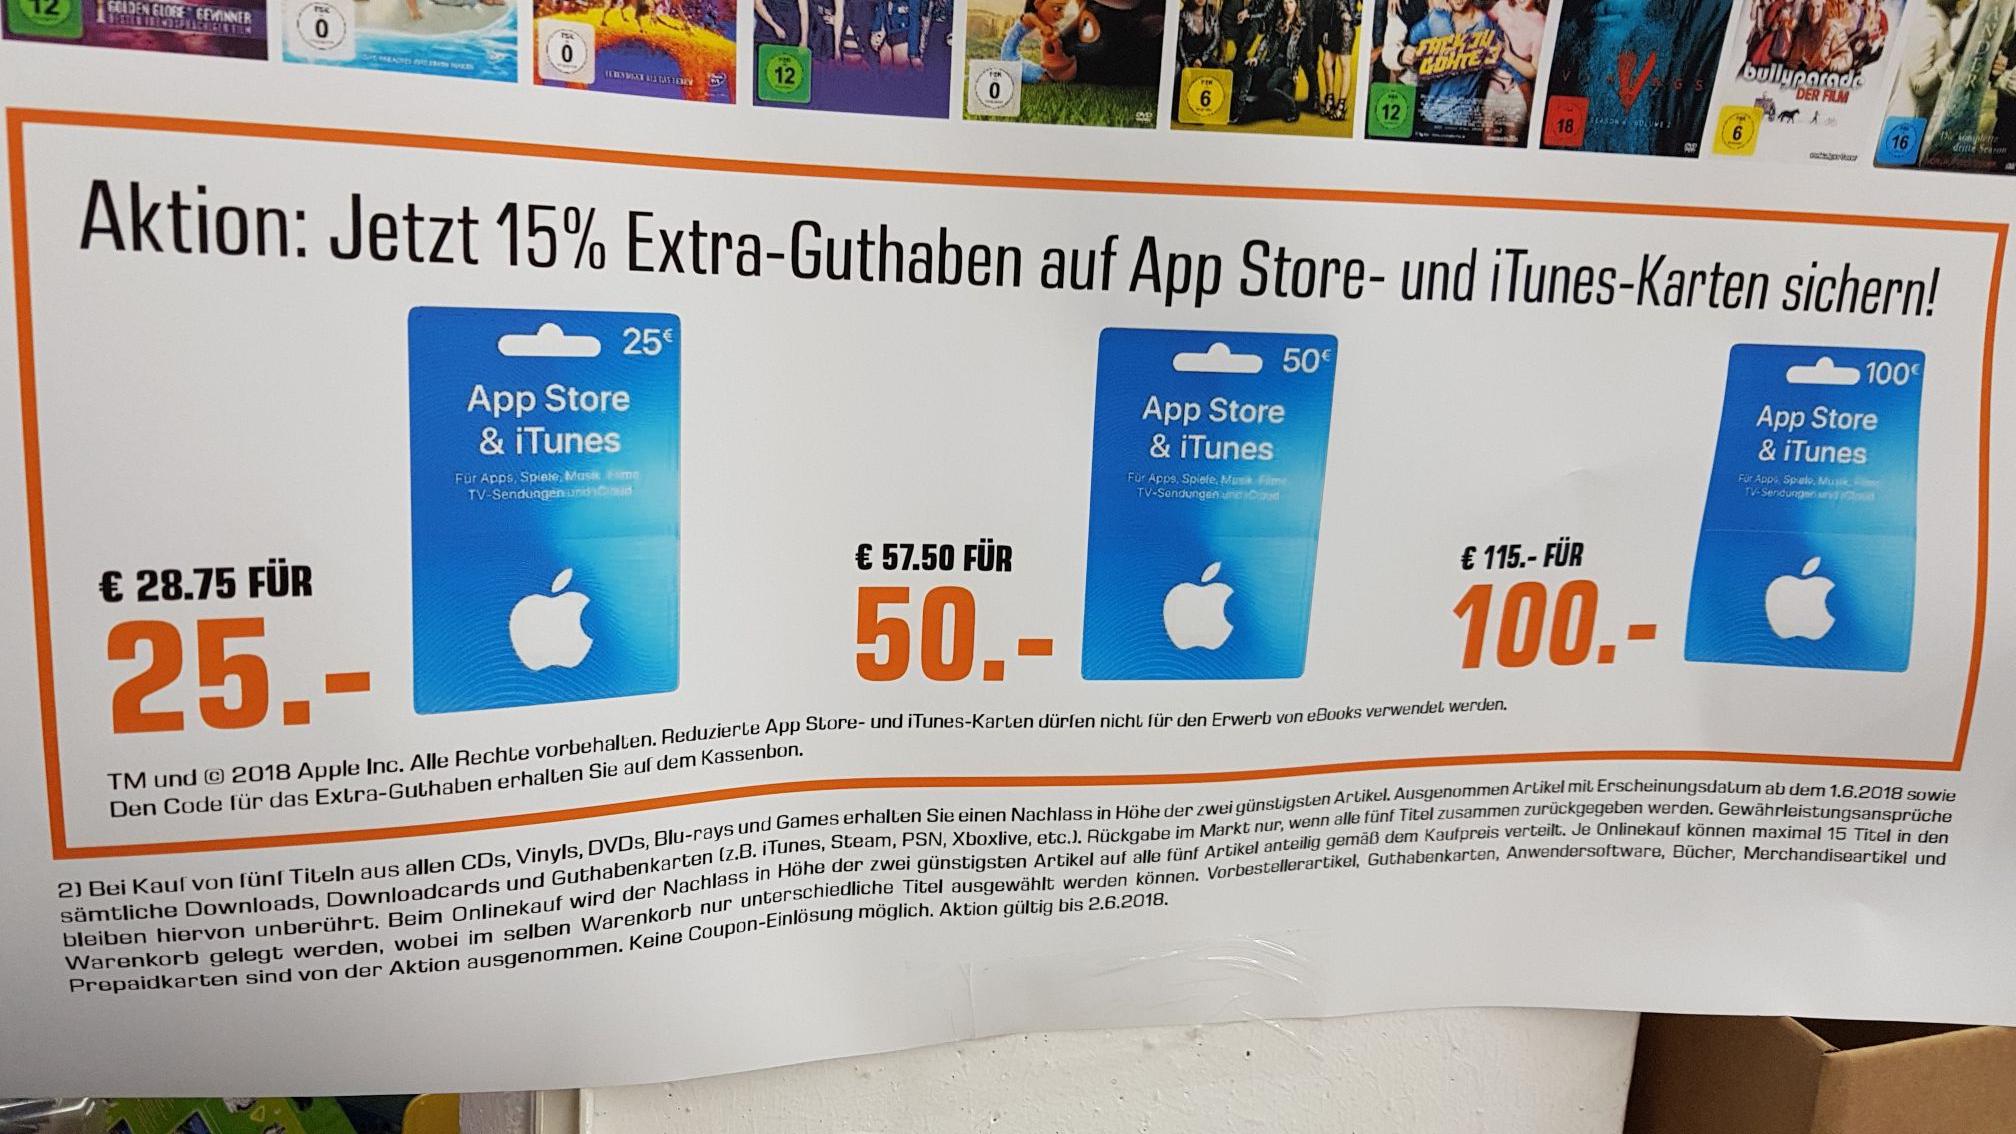 [Bundesweit Saturn] iTunes Karten mit 15% mehr Guthaben. Ggf. Mit bis zu 30% Rabatt!! (Auch Netflix möglich)